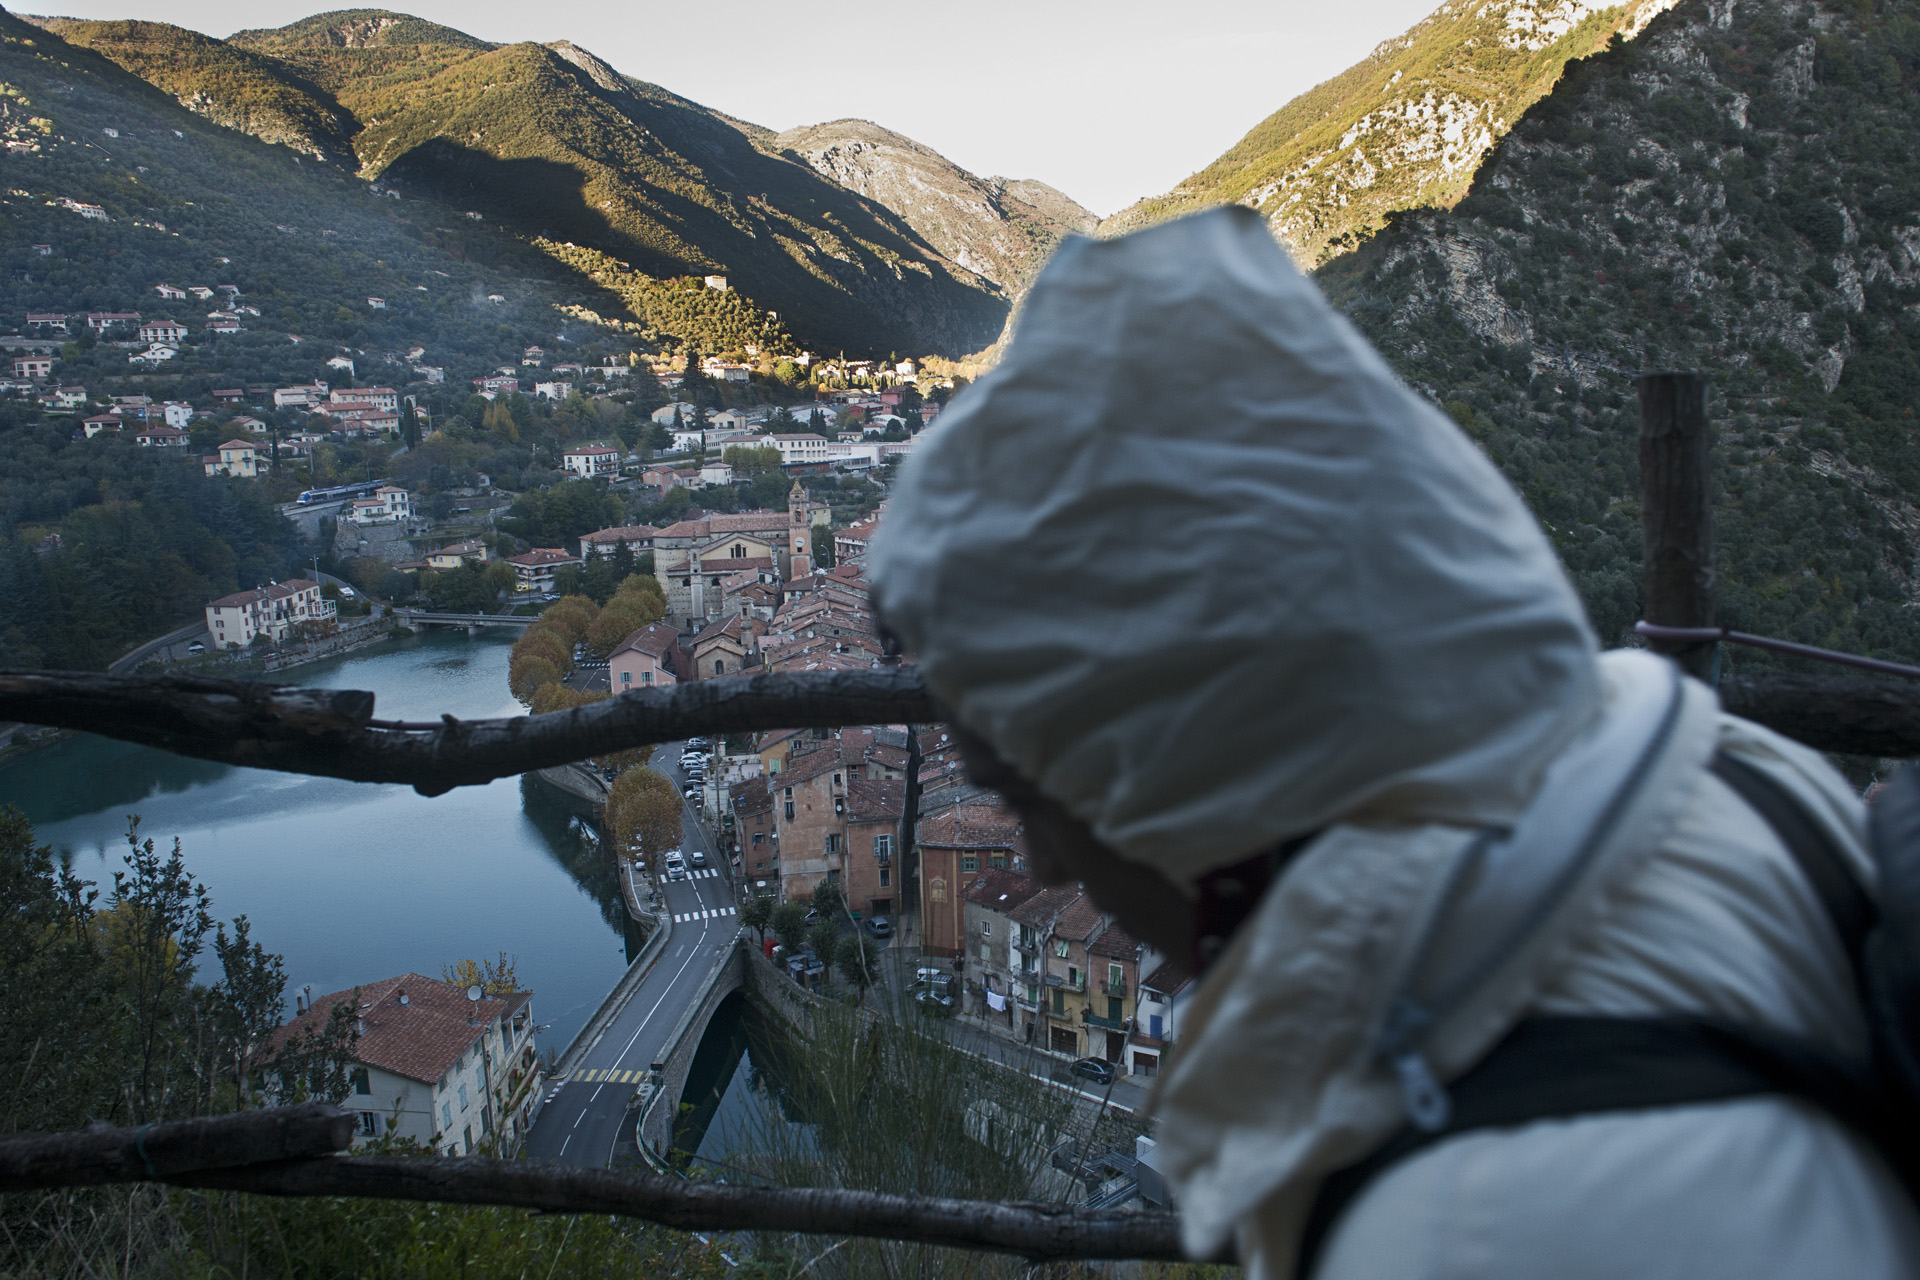 Le village de Breil-sur-Roya dans les Alpes-Maritimes est situé à une dizaine de kilomètres de l'Italie.  Depuis la fermeture de la frontière à Vintimille le 15 juin 2015, les migrants tentent de traverser la frontière à pied. Quand ils ne se perdent pas dans la montagne, ils convergent vers les différents villages de la vallée de la Roya.